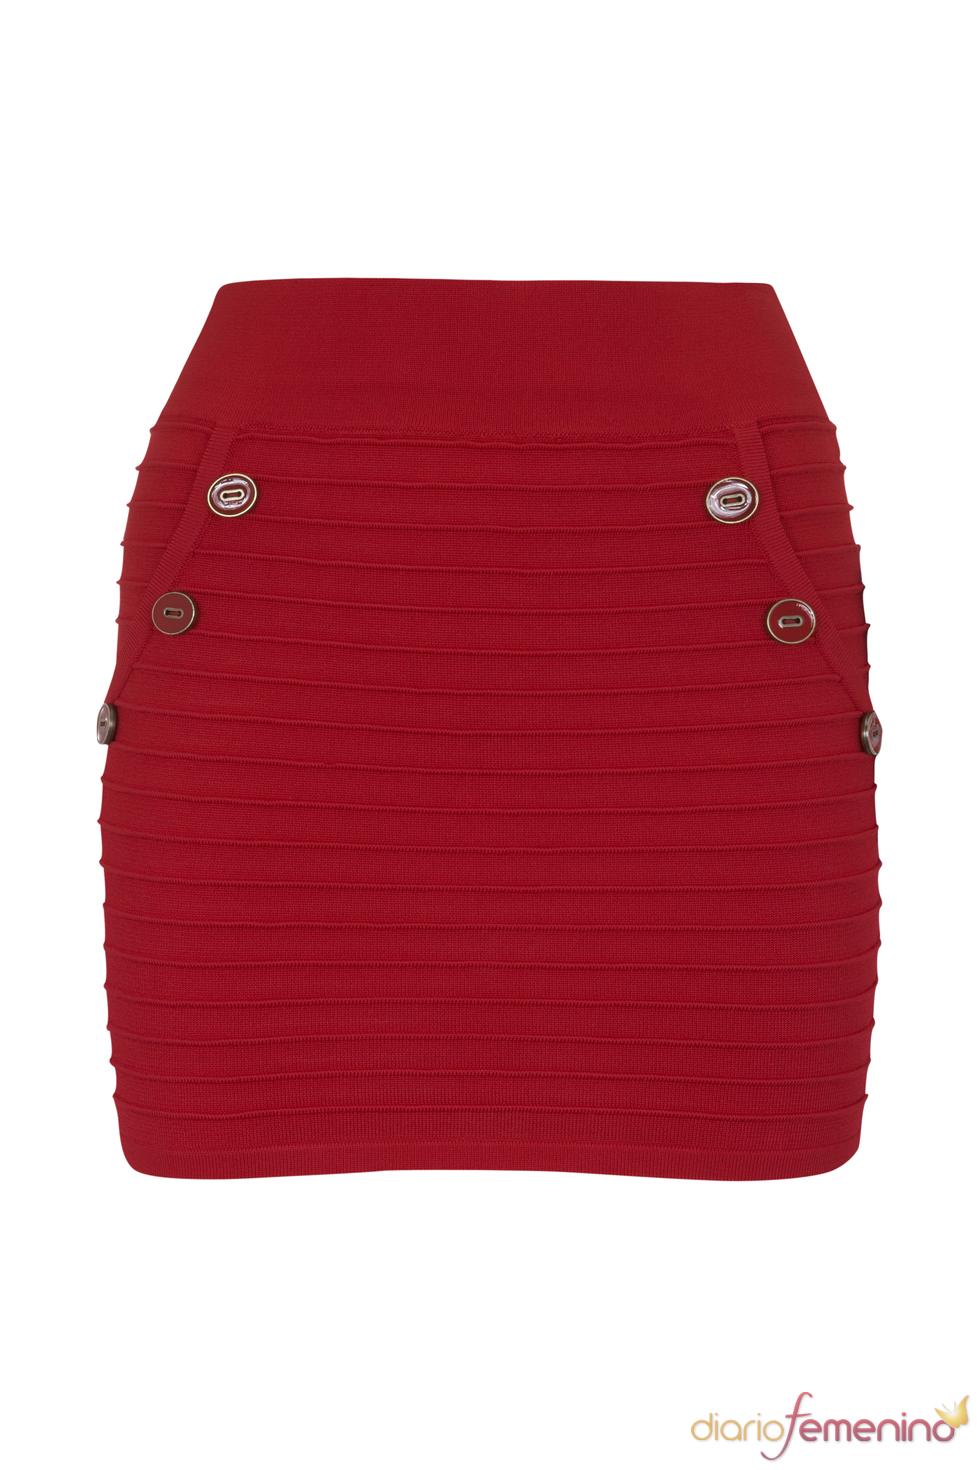 Falda roja de la colección de primavera de Blanco 2011